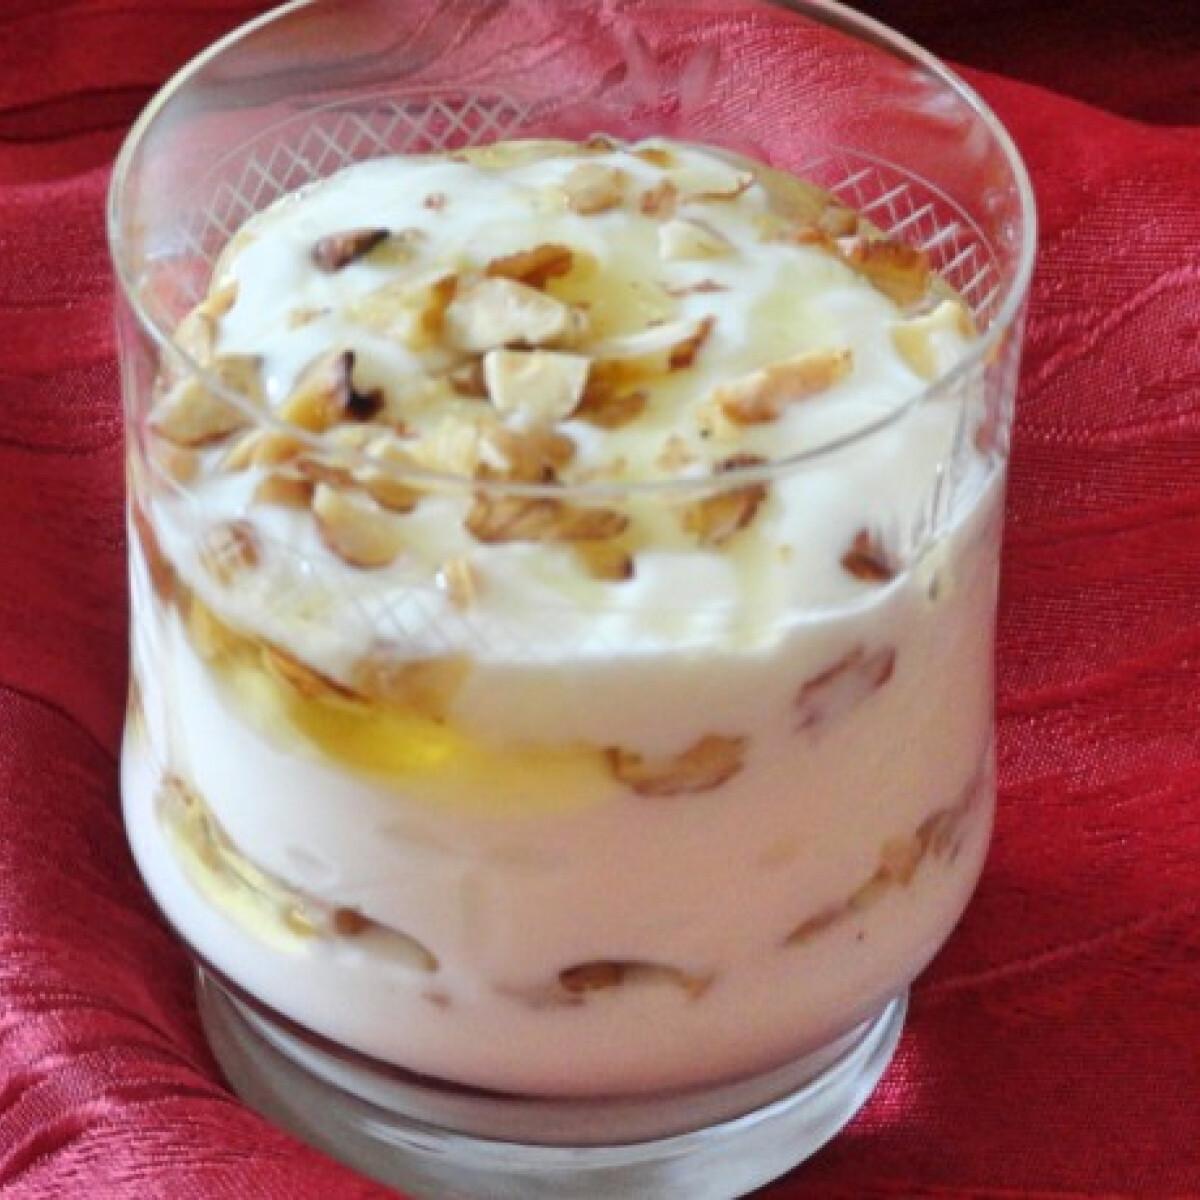 Ezen a képen: Görög joghurt dióval és mézzel